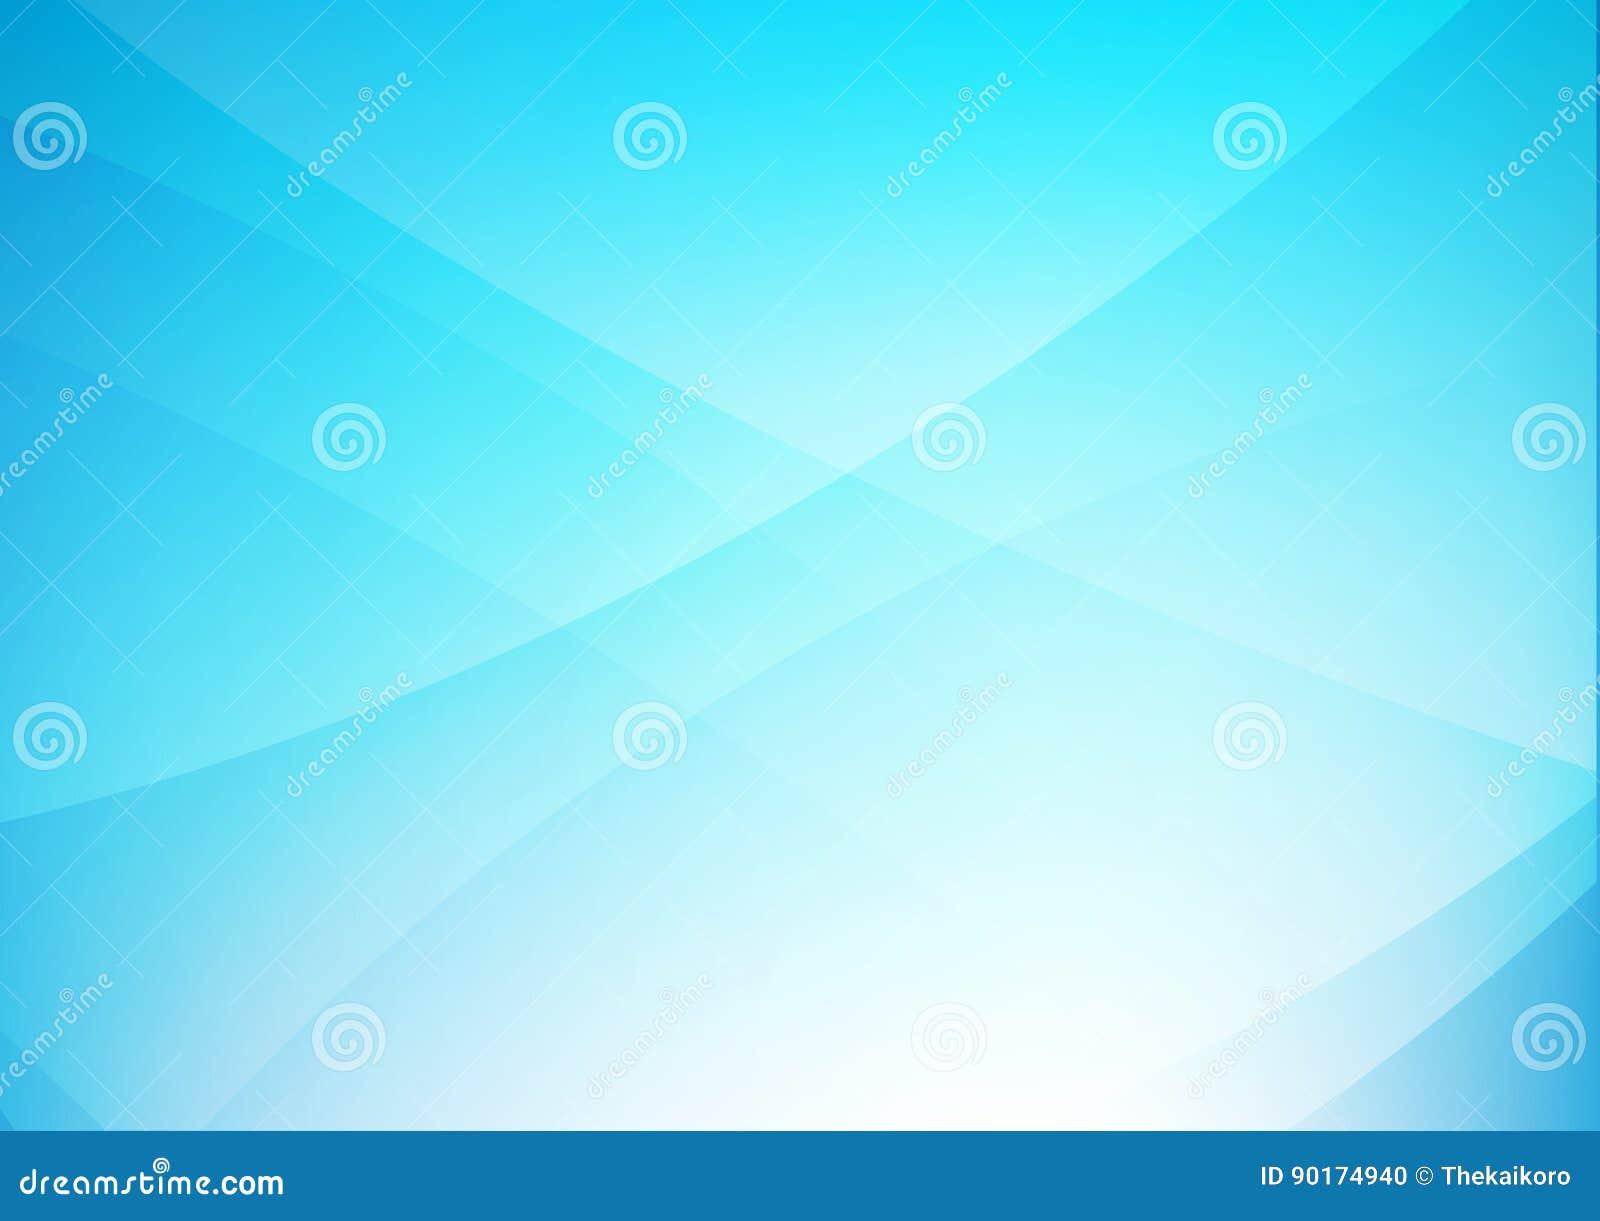 De abstracte blauwe schone achtergrond met eenvoudig krommeverlichting elemen